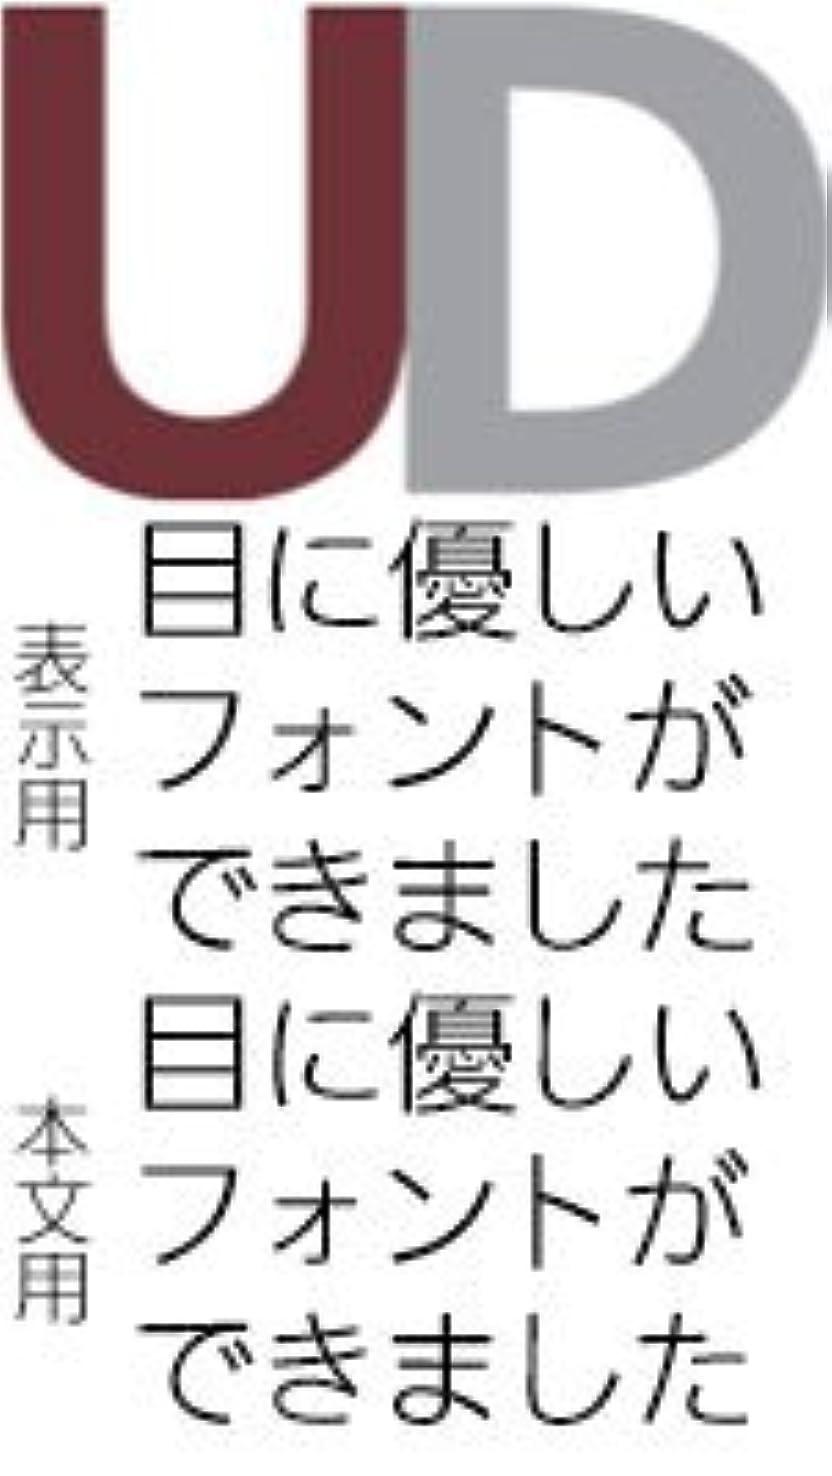 イワタ書体ライブラリーOpenType(Pro版) イワタUDゴシックL 表示用/本文用